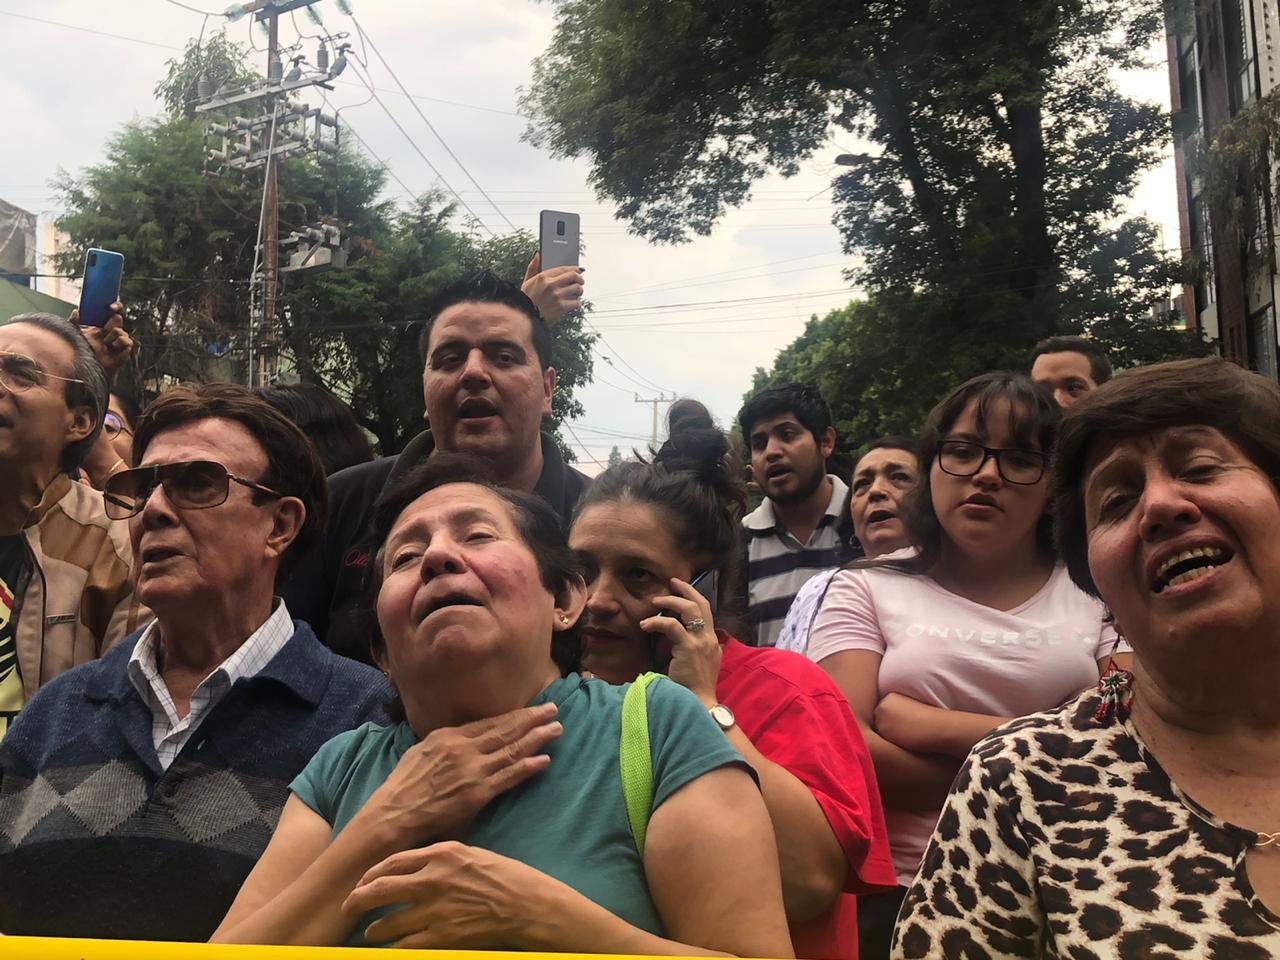 Mi padre José José merece ser despedido en México — José Joel